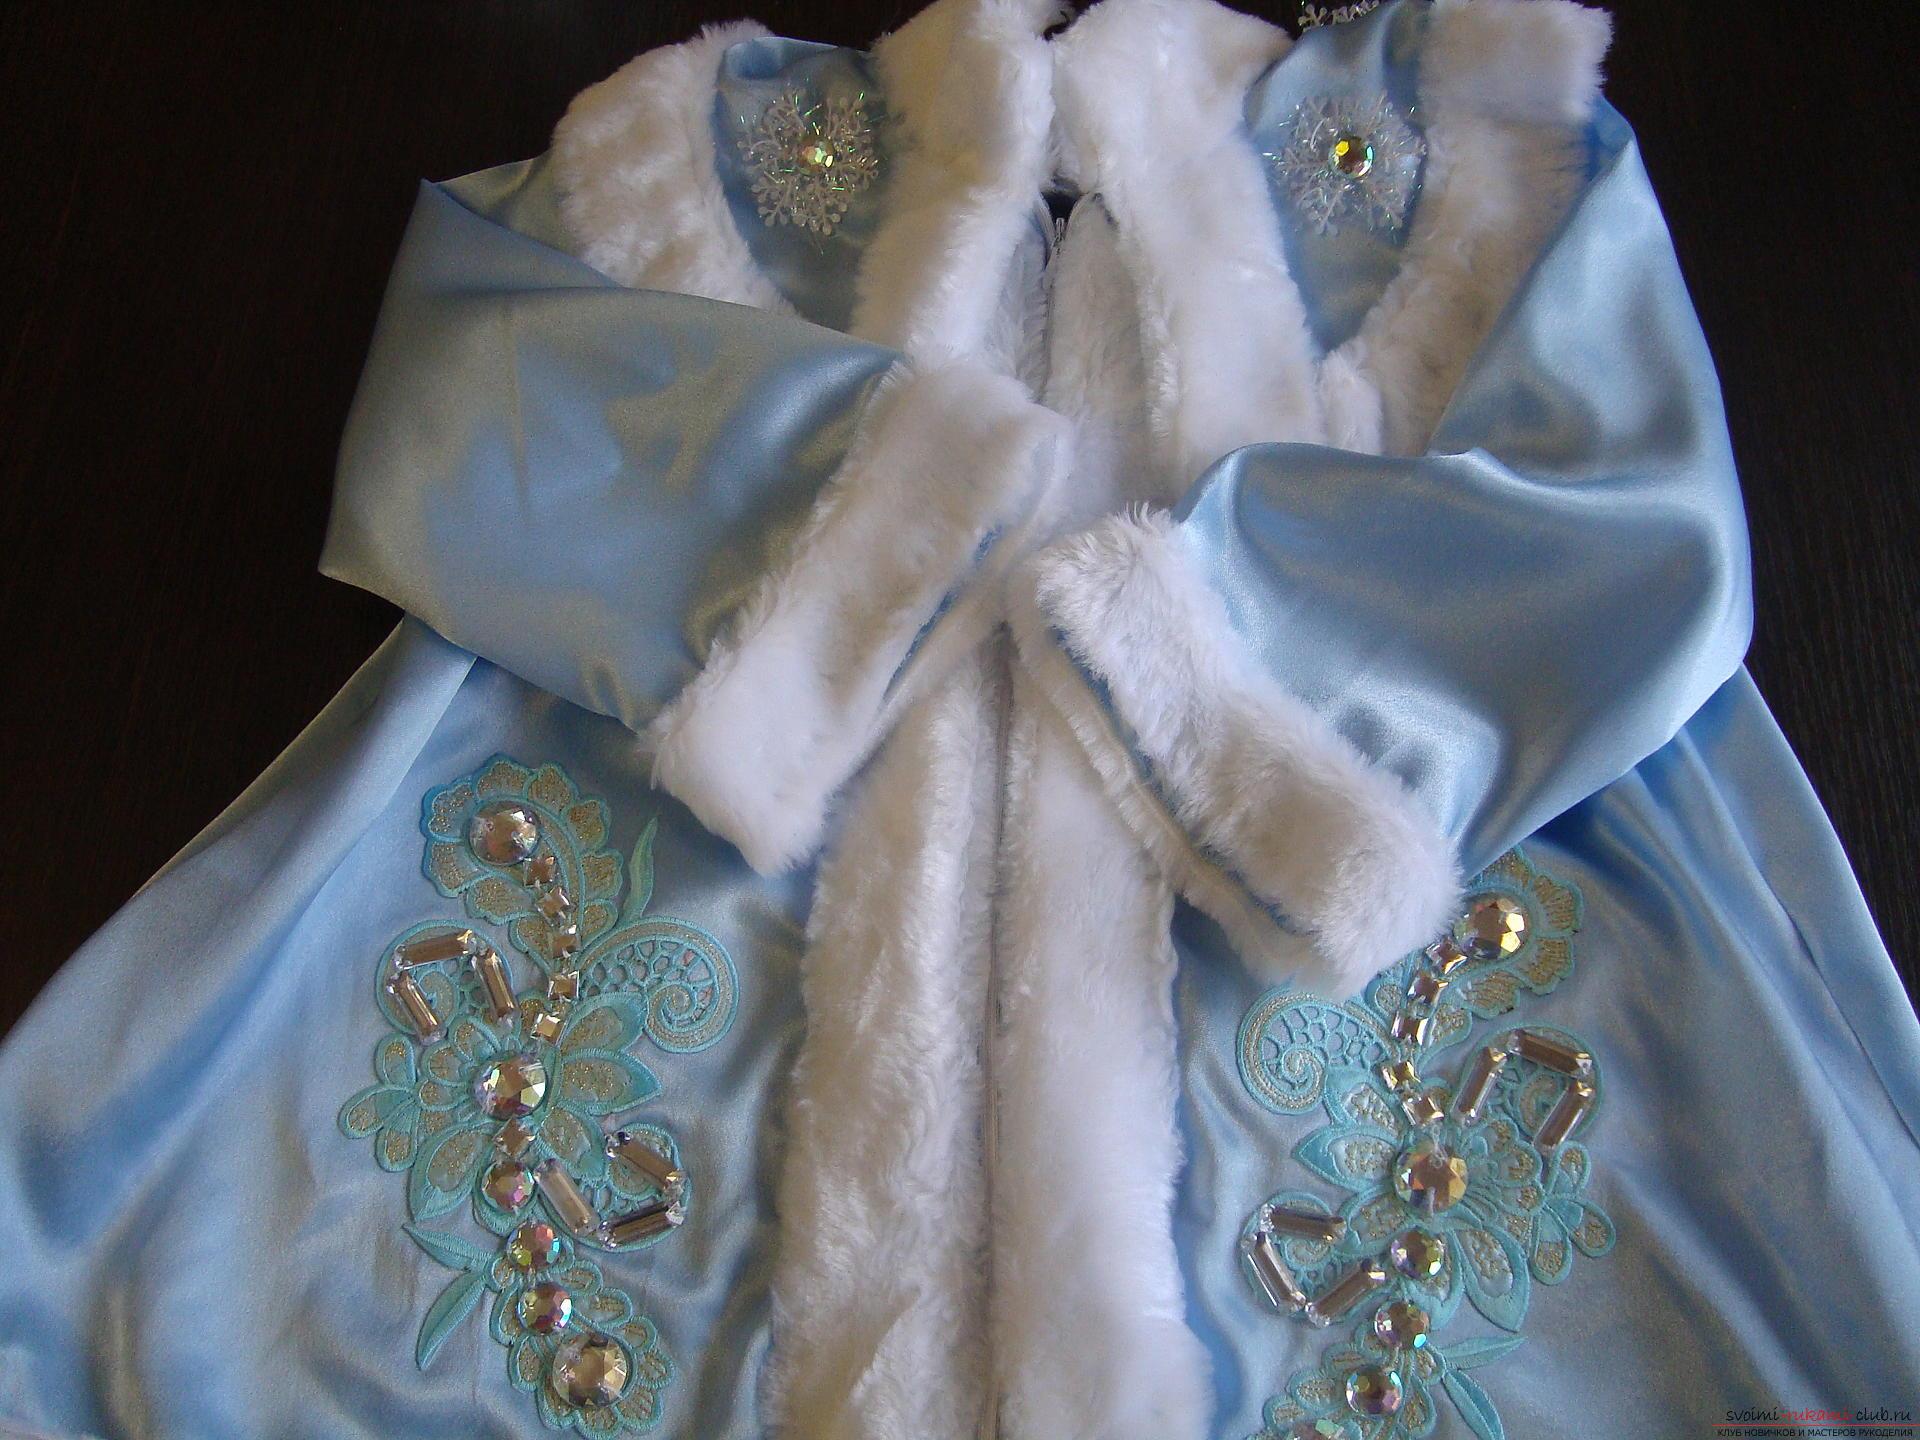 Карнавальные костюмы для девочки мама может сшить своими руками. Костюм Снегурочка понравится многим девочкам.. Фото №6